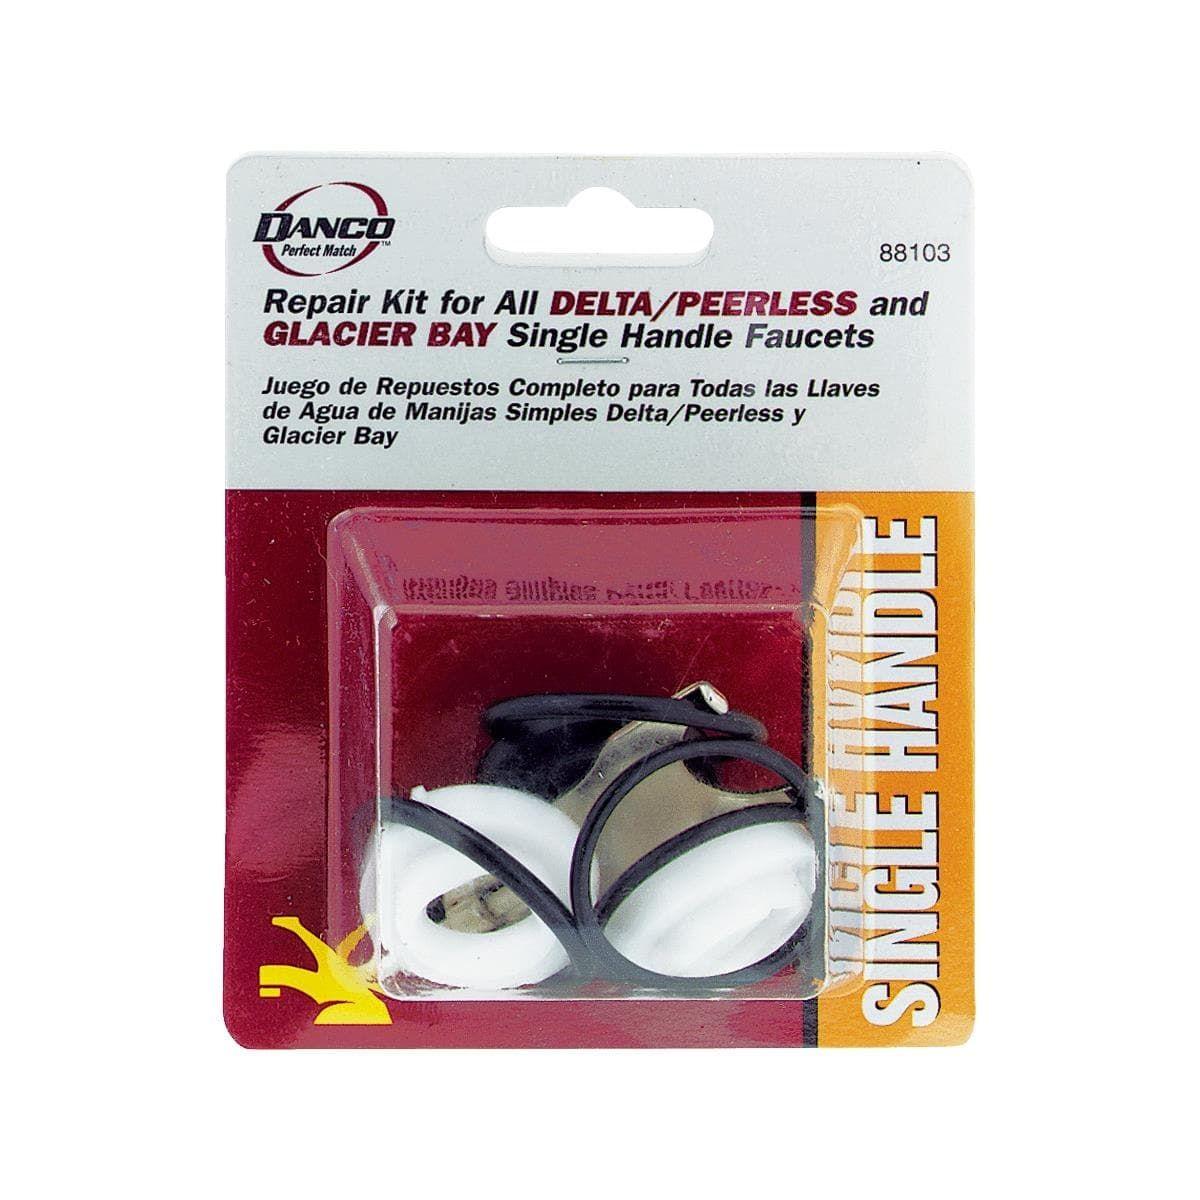 Danco Delta Faucet Repair Kit | Faucet repair, Tap and Products